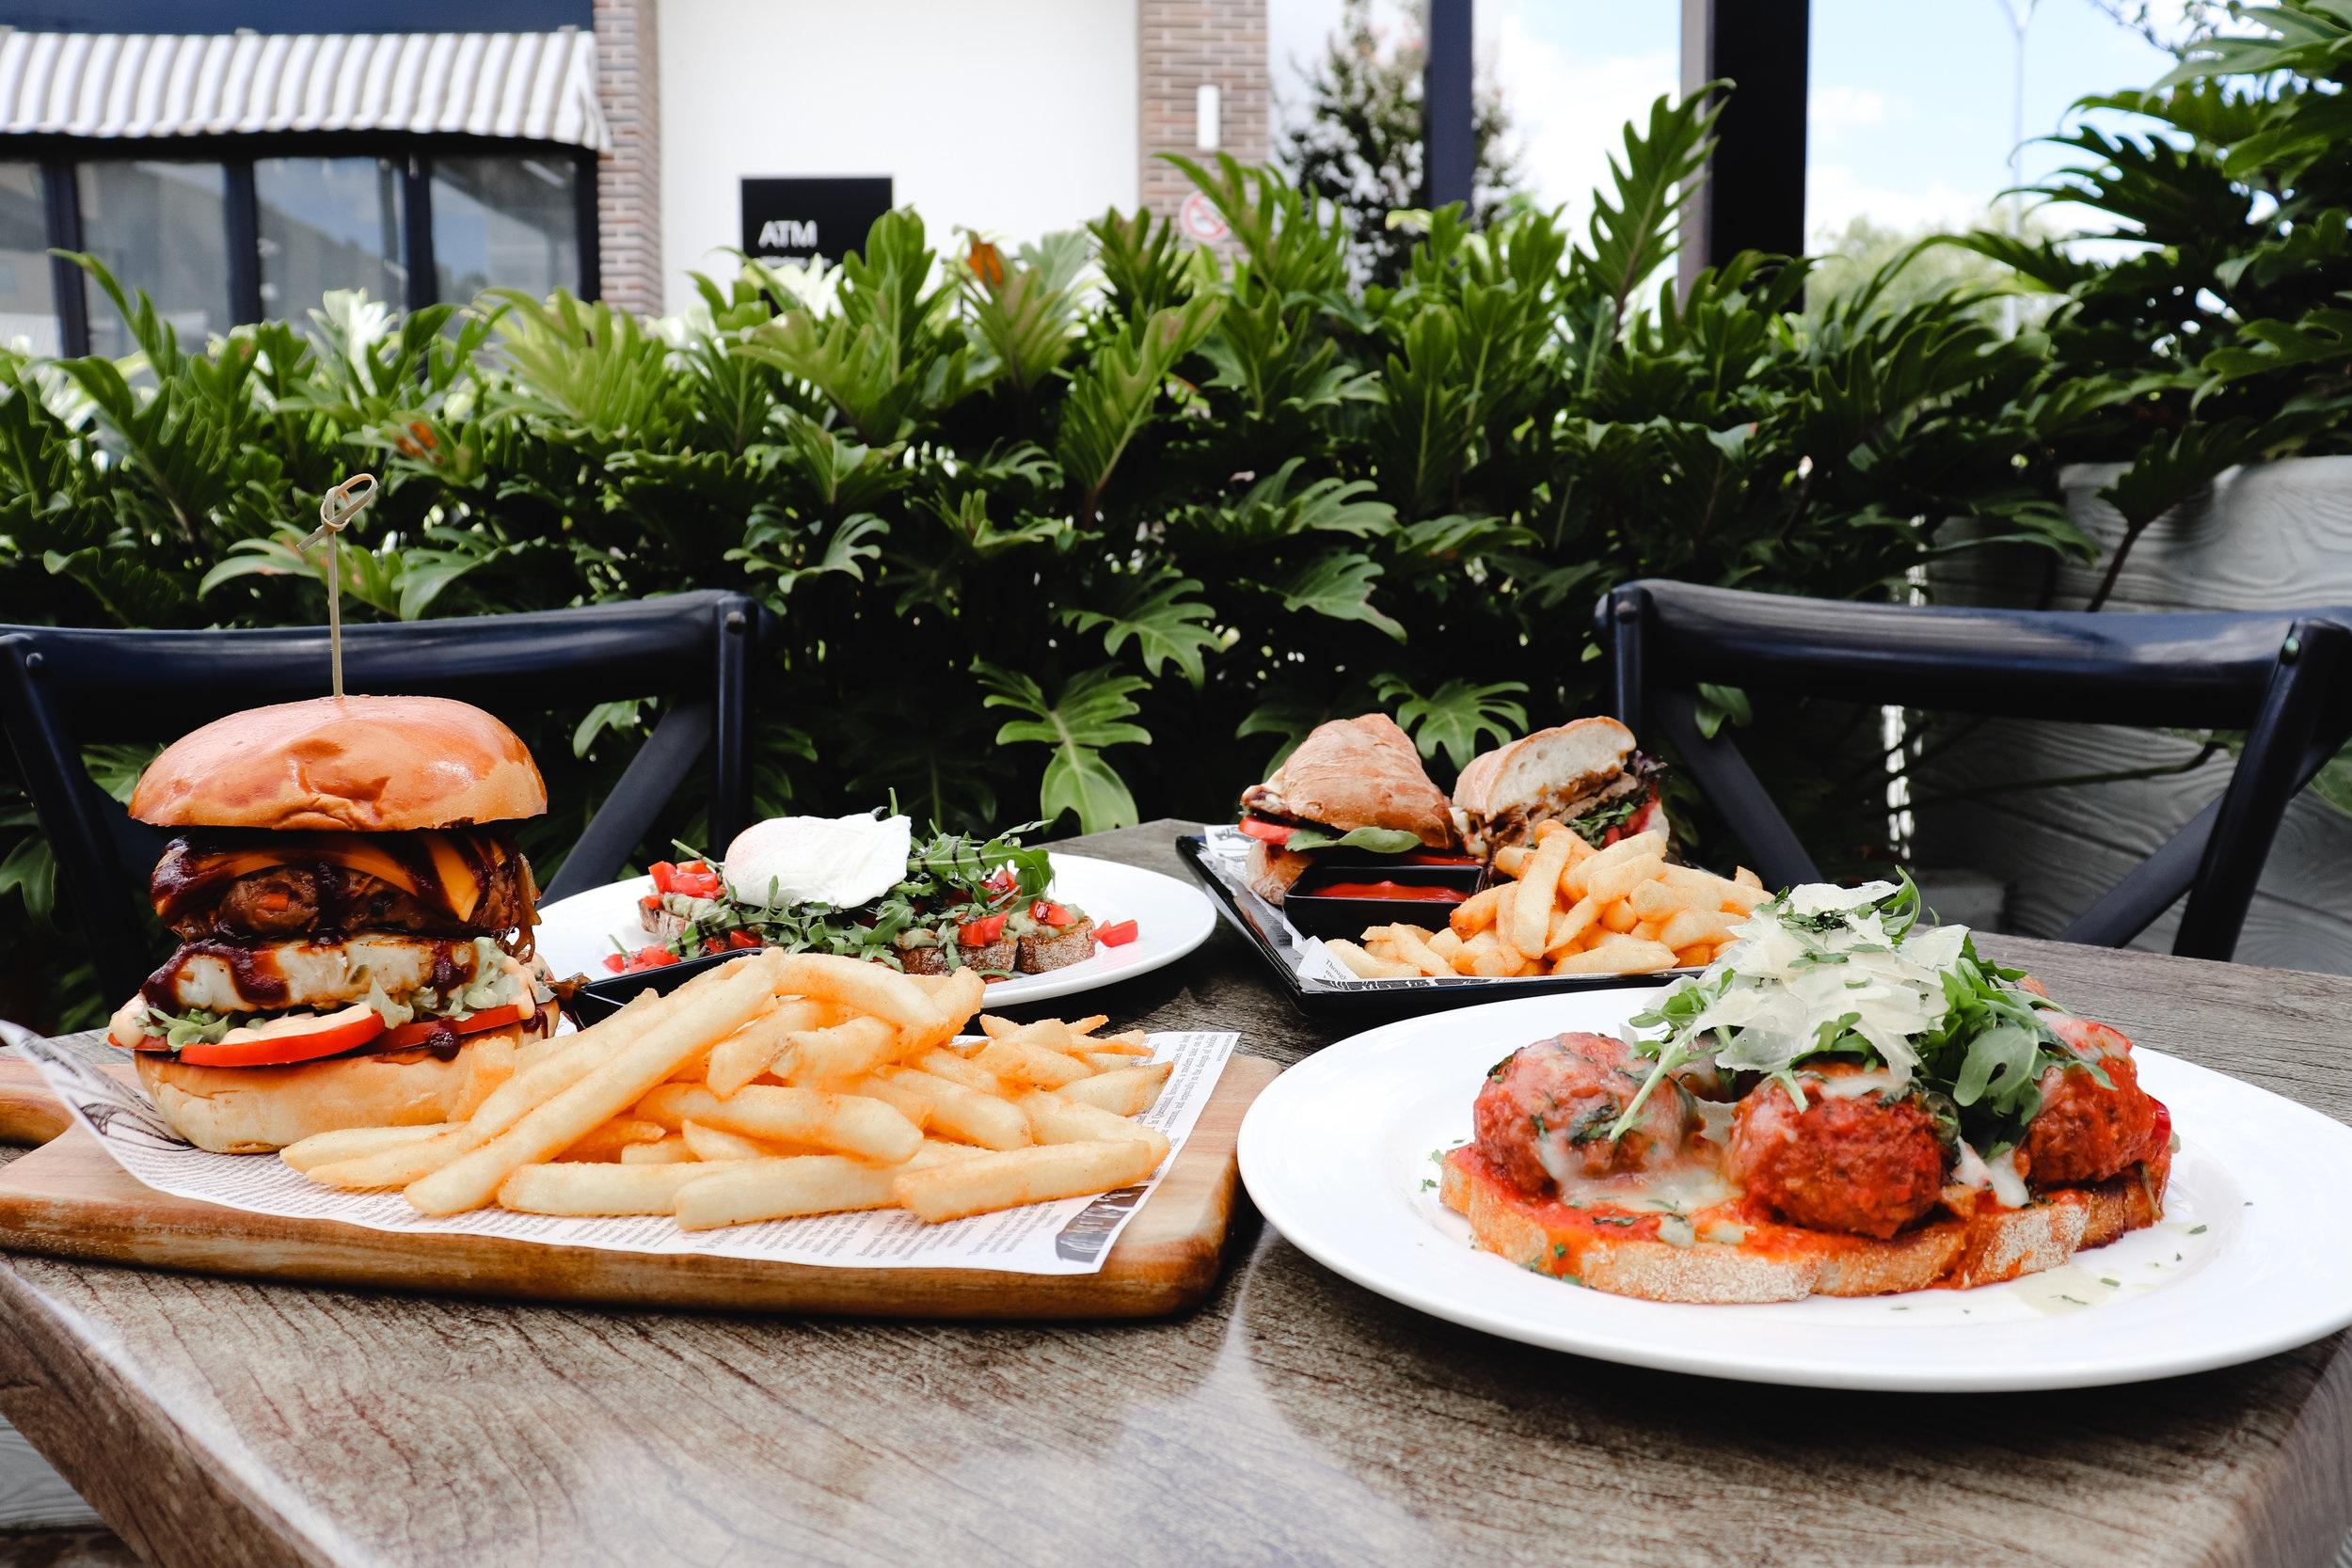 Ingleburn_Village_Bean_N_Bite_Cafe.jpg